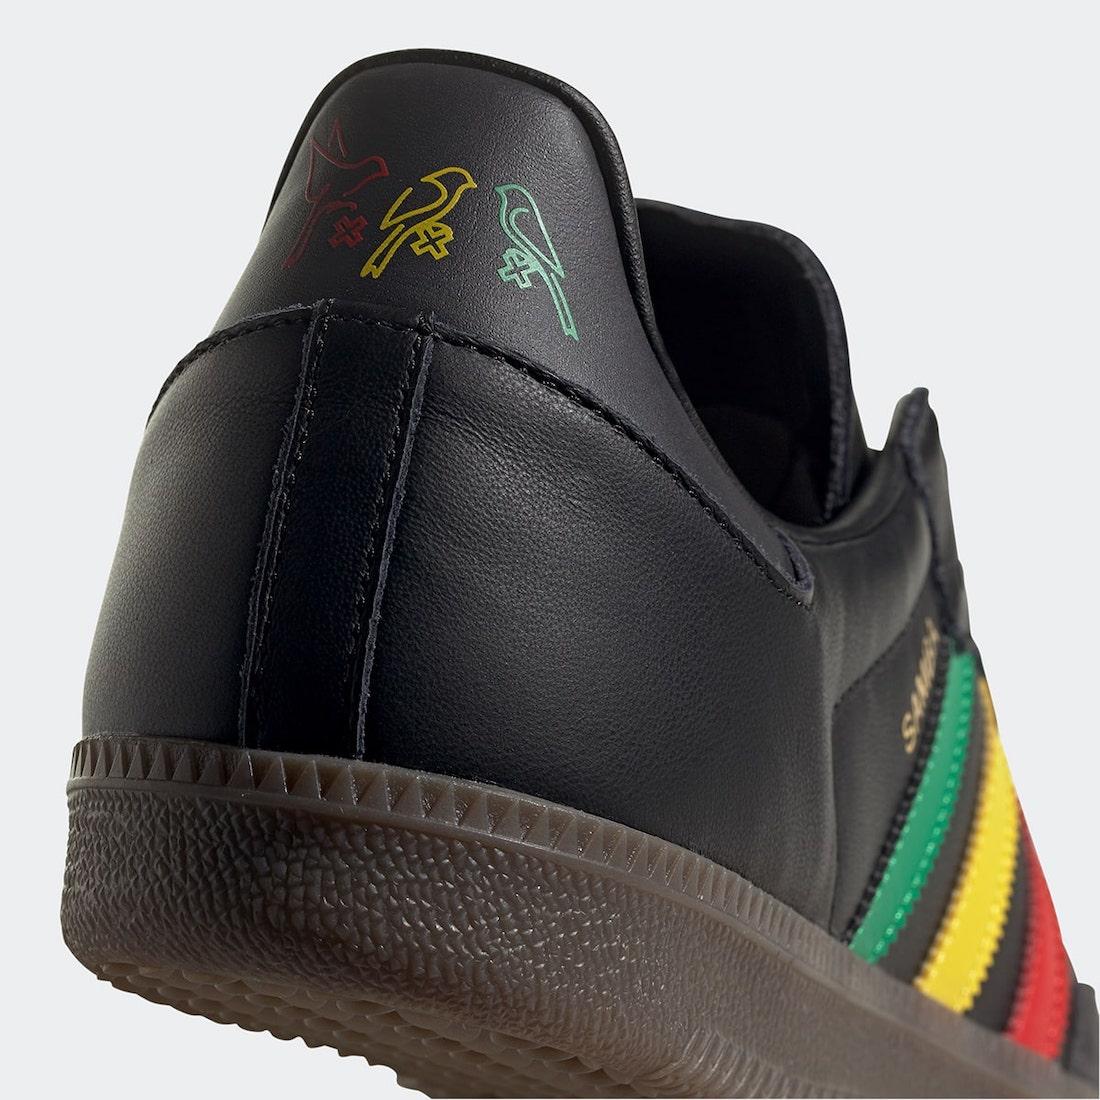 adidas Ajax Samba Three Little Birds GX2913